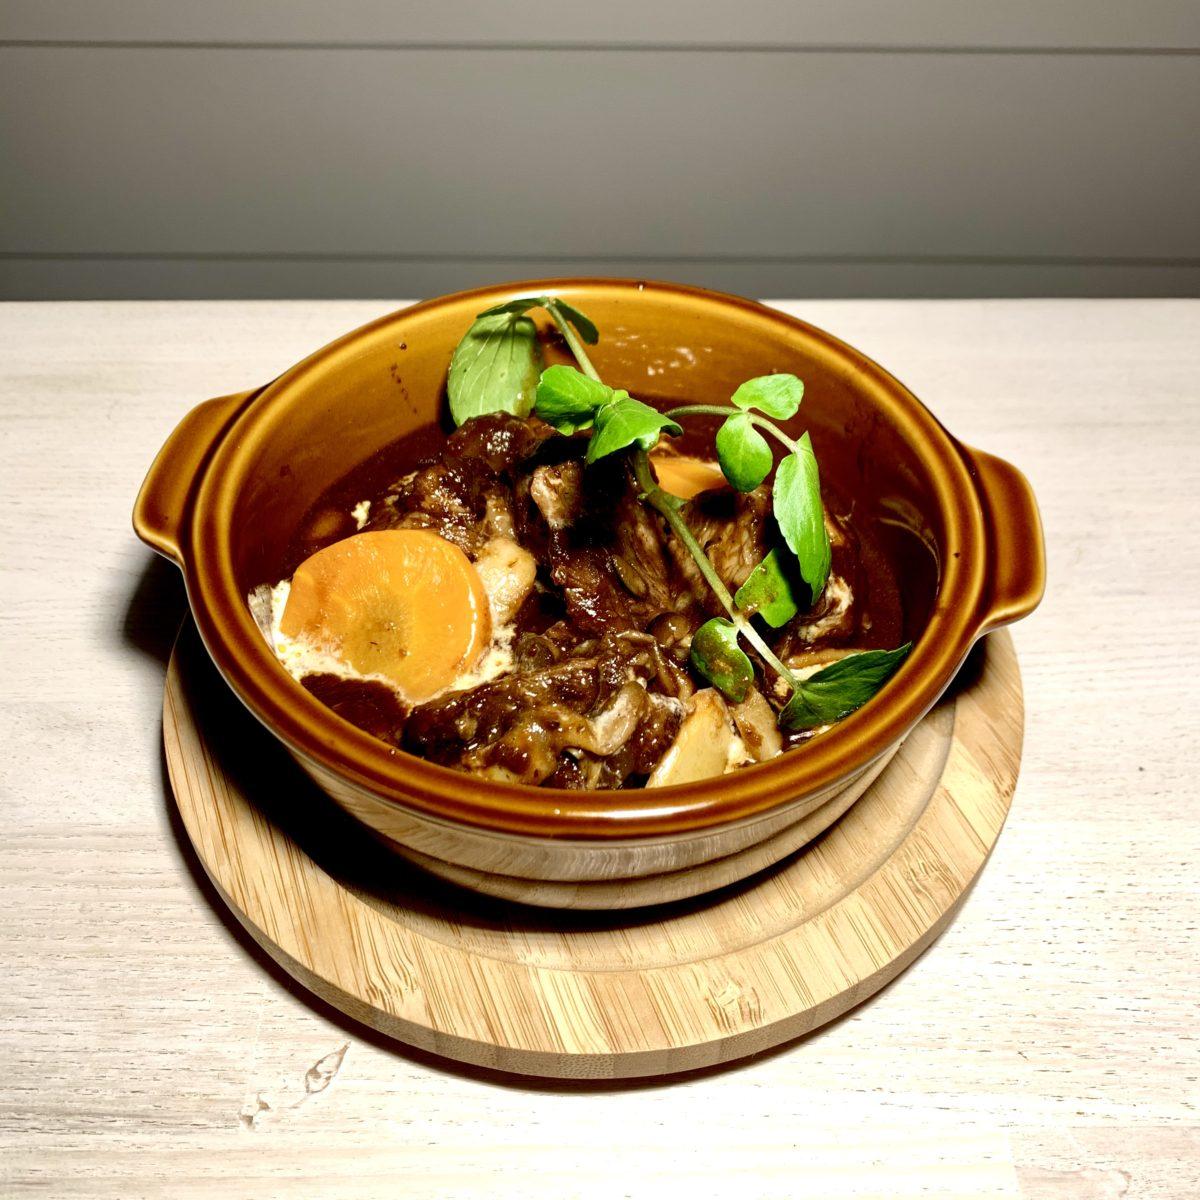 来年も磐田「バーンテーブル」をよろしくお願い申し上げます <年始営業のご案内>